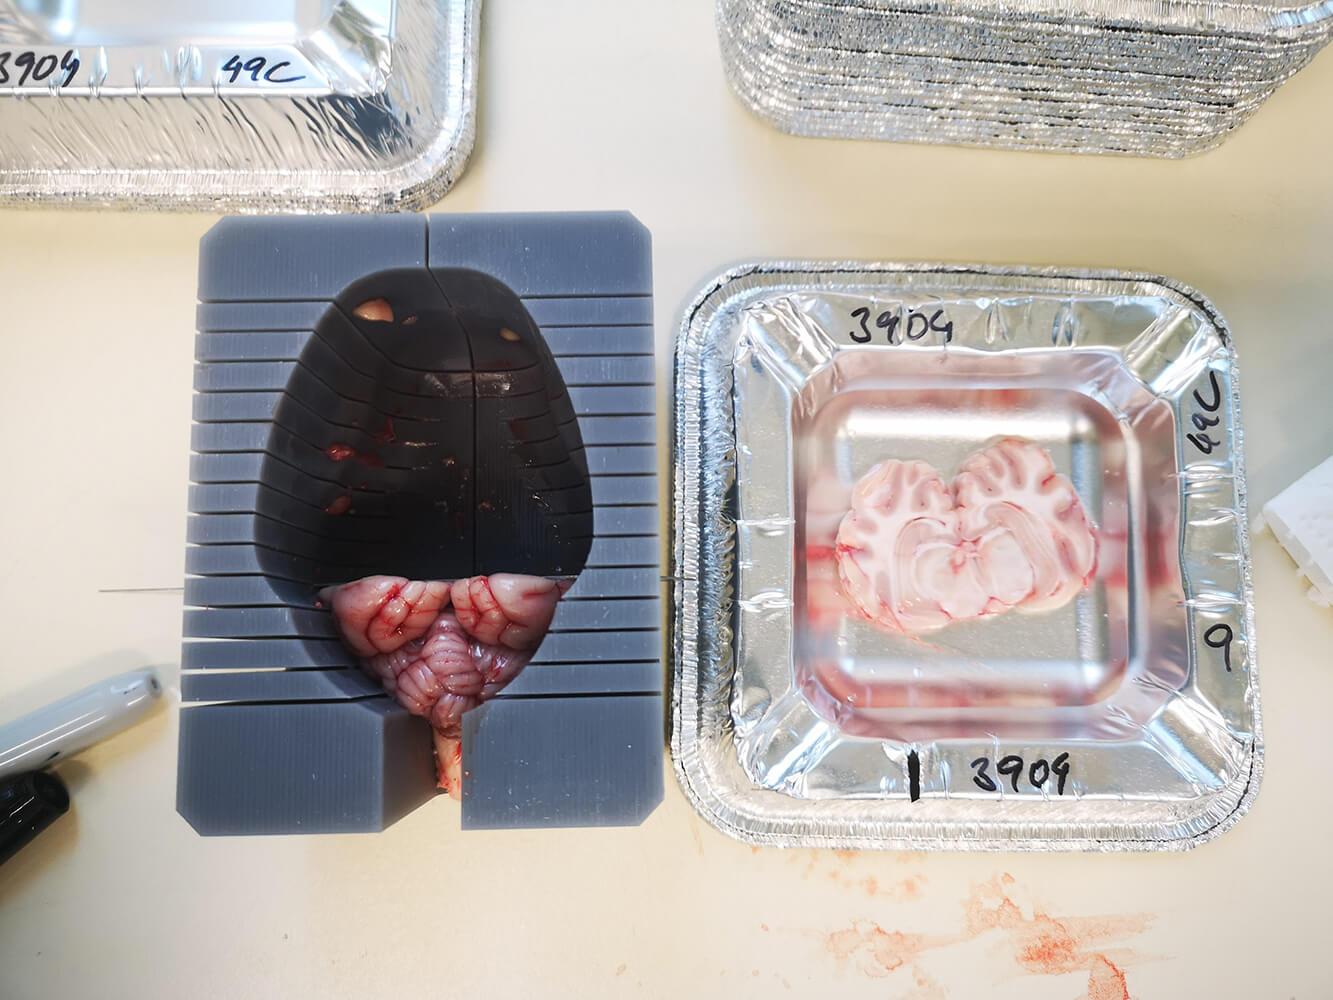 Gehirnschneideschablone in Anwendung